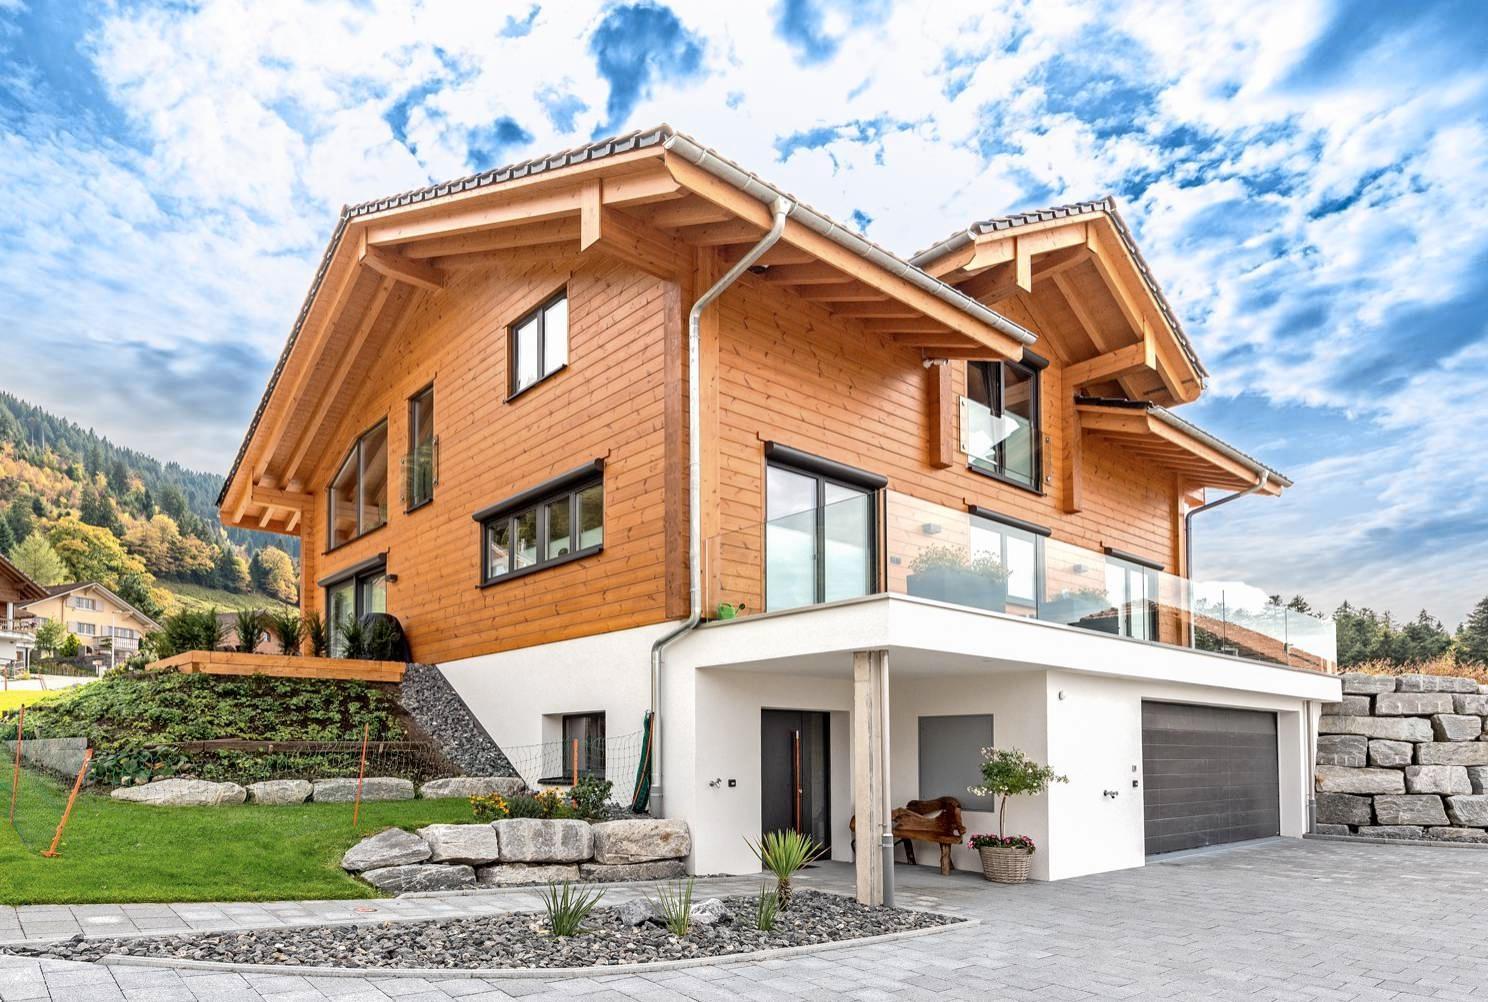 Moderne Blockhäuser von Fullwood haben ein schickes Design. Foto: Fullwood